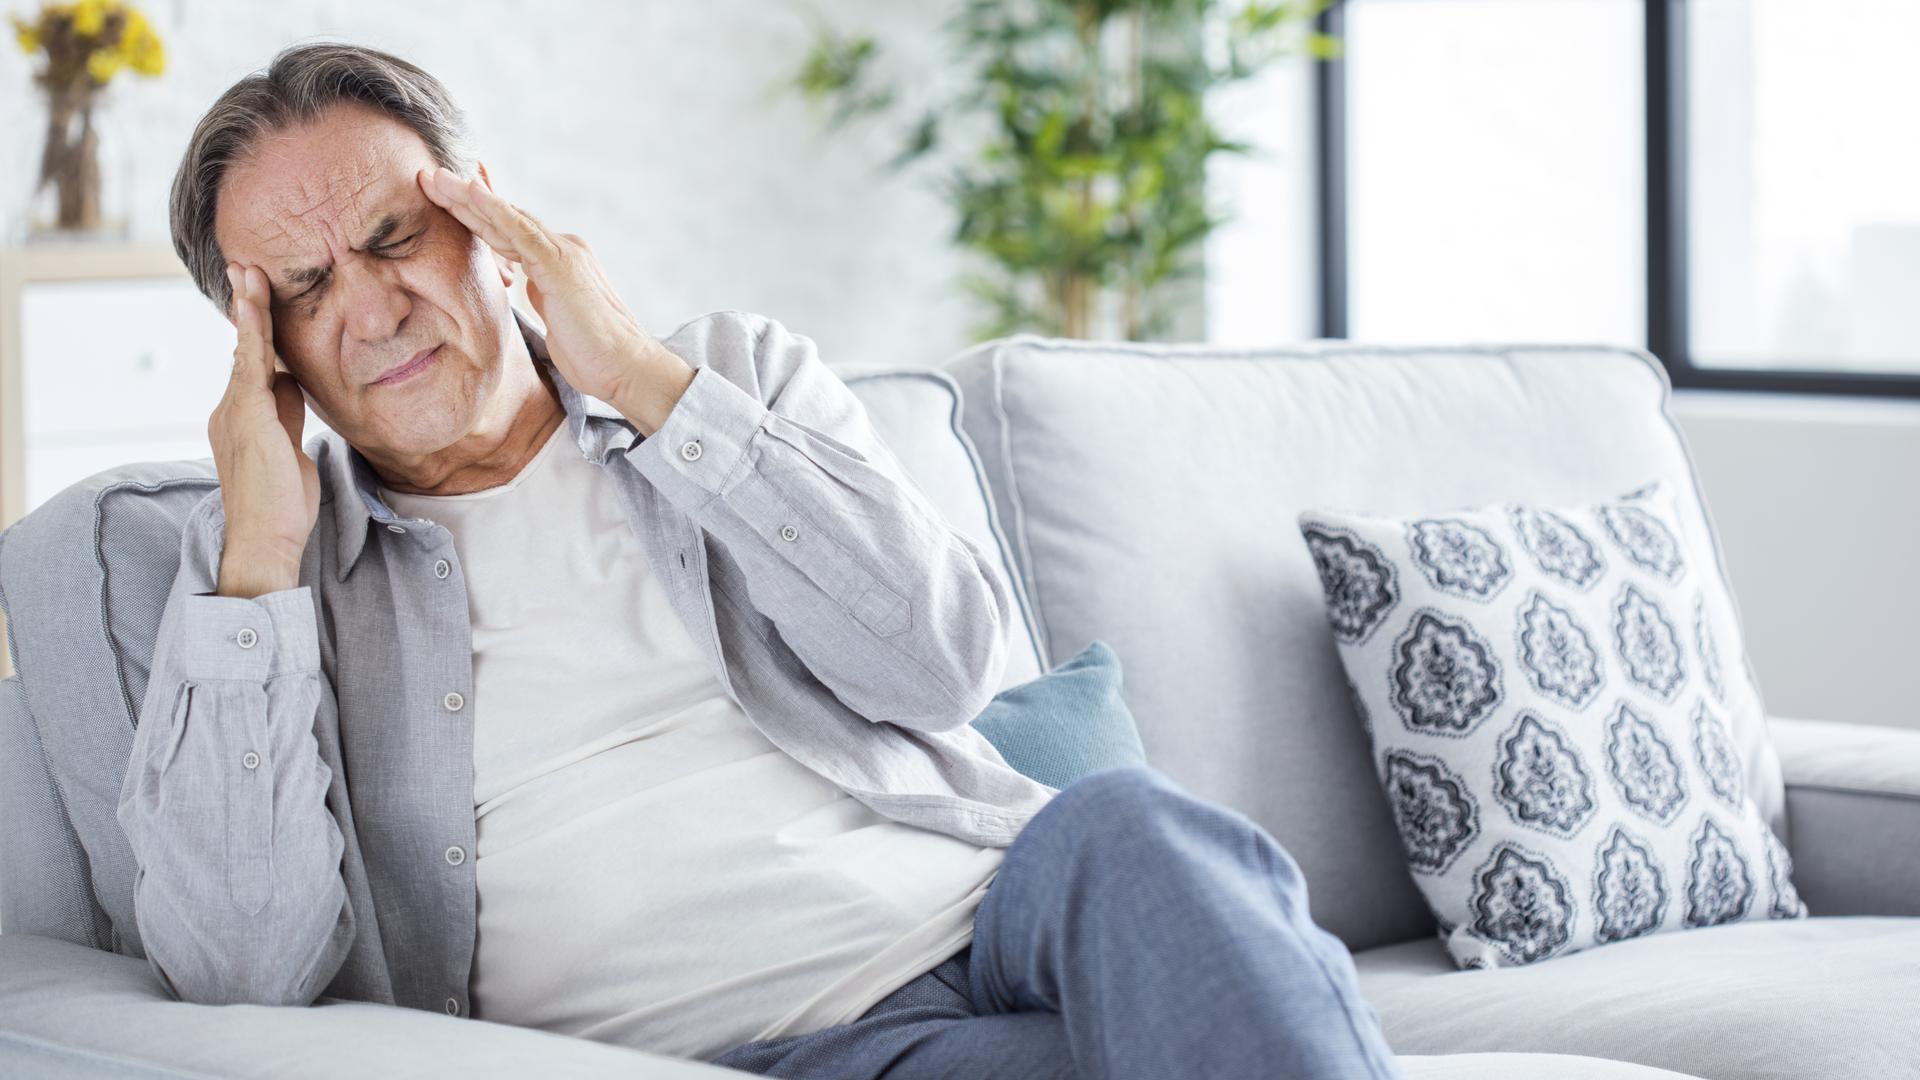 Accidente cerebro vascular (ACV): los signos de alarma